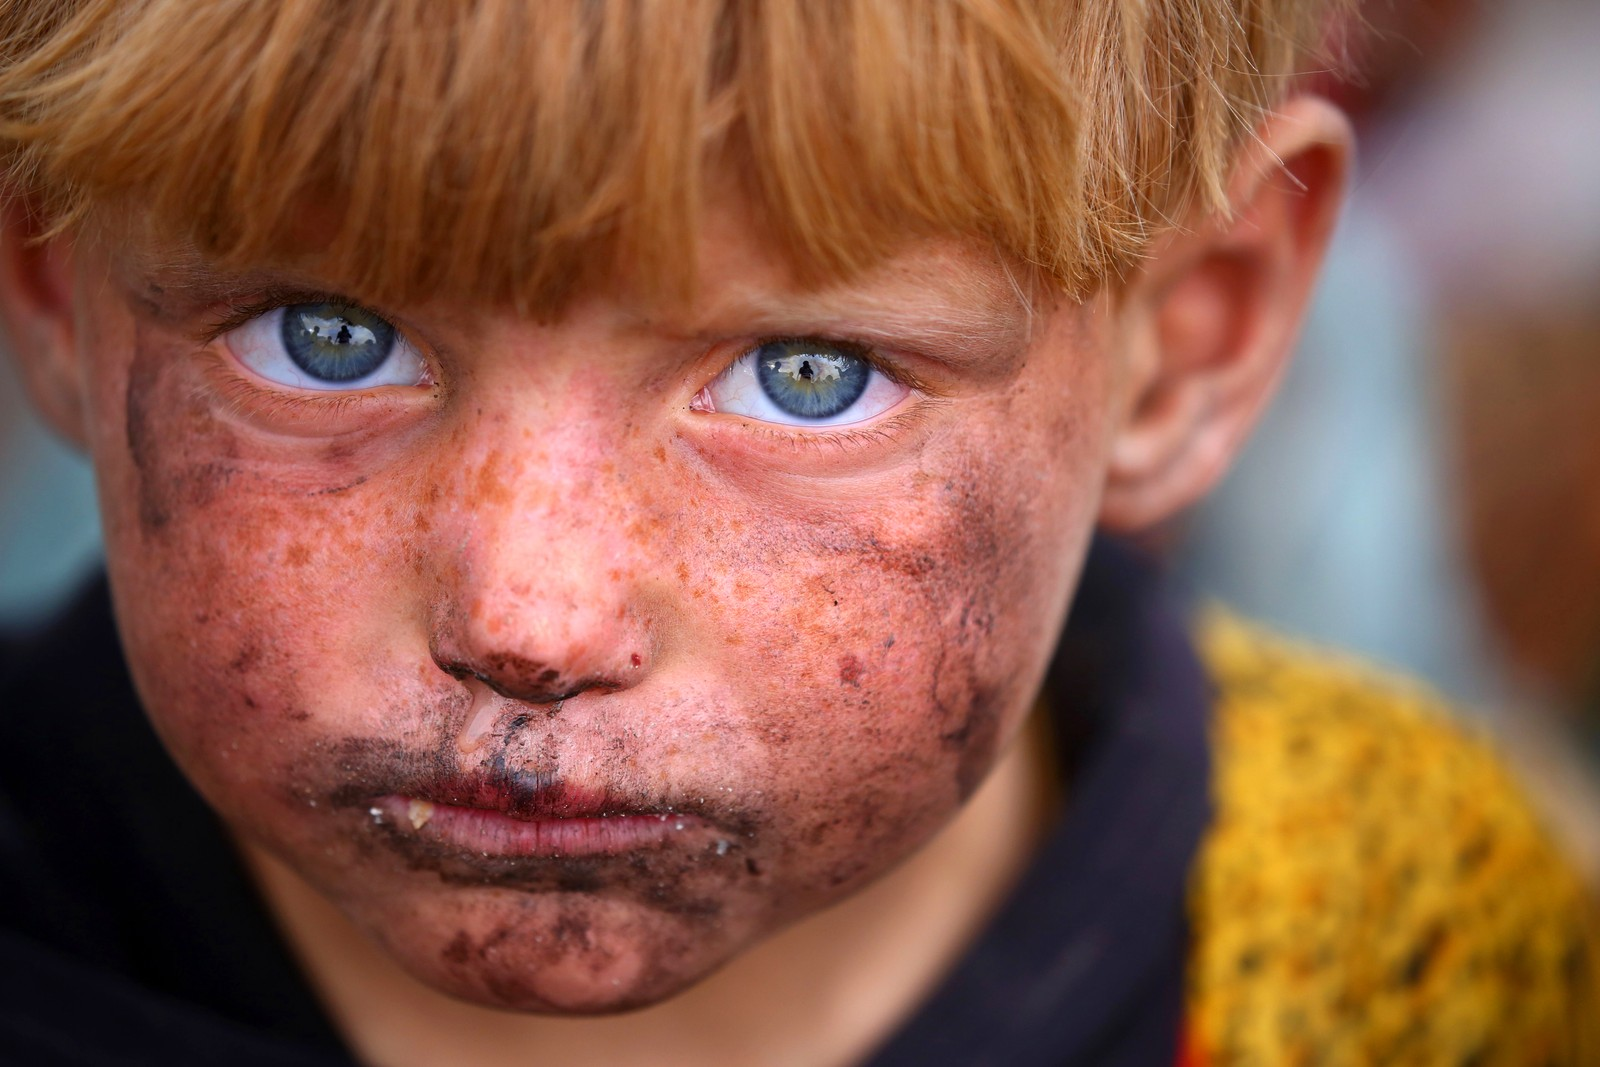 En syrisk gutt er akkurat nå i en midlertidig flyktningleir i Ain Issa i Syria.